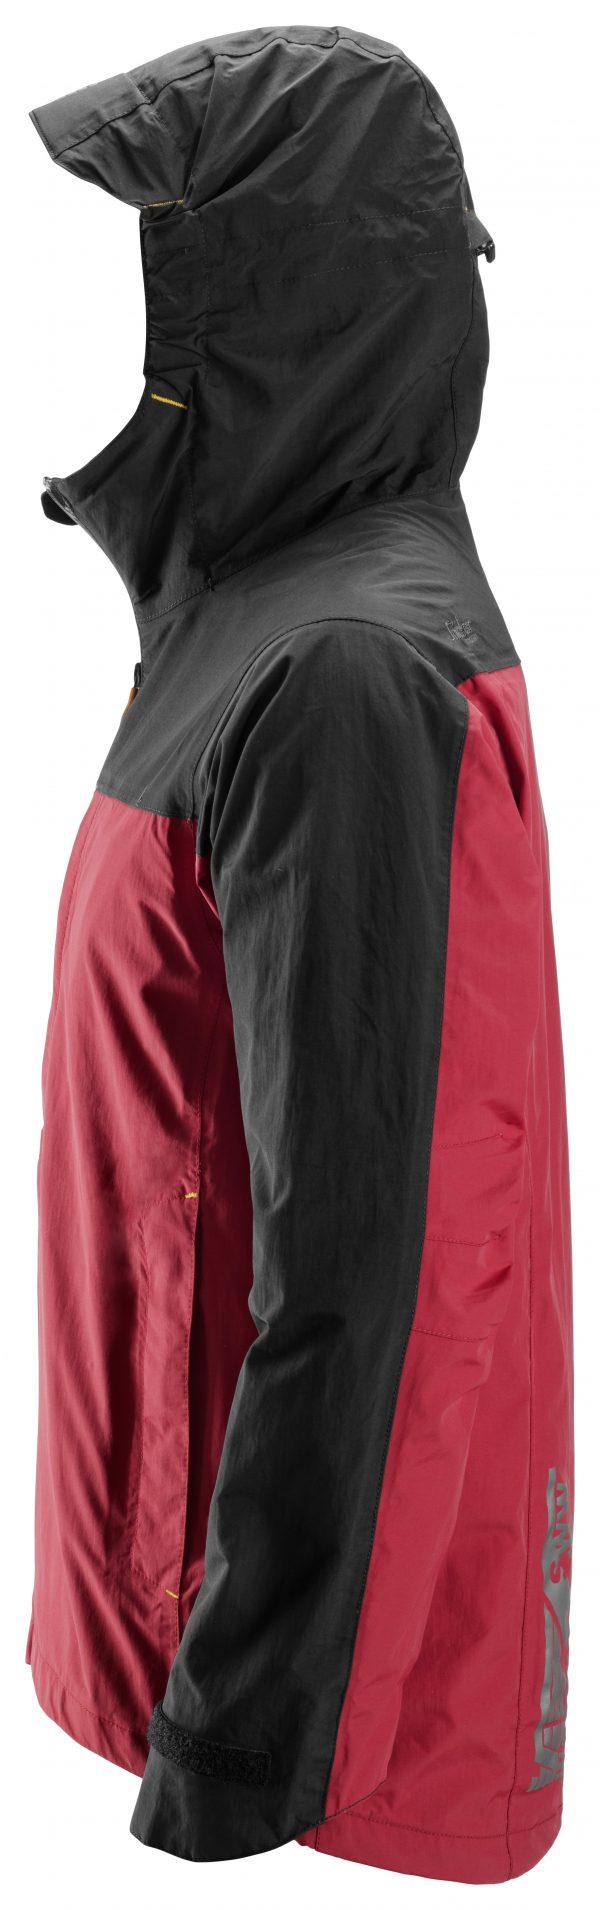 Snickers 1303 Vedenpitävä kuoritakki   Chili red\Black - 1604   V-liftverkkokauppa.fi